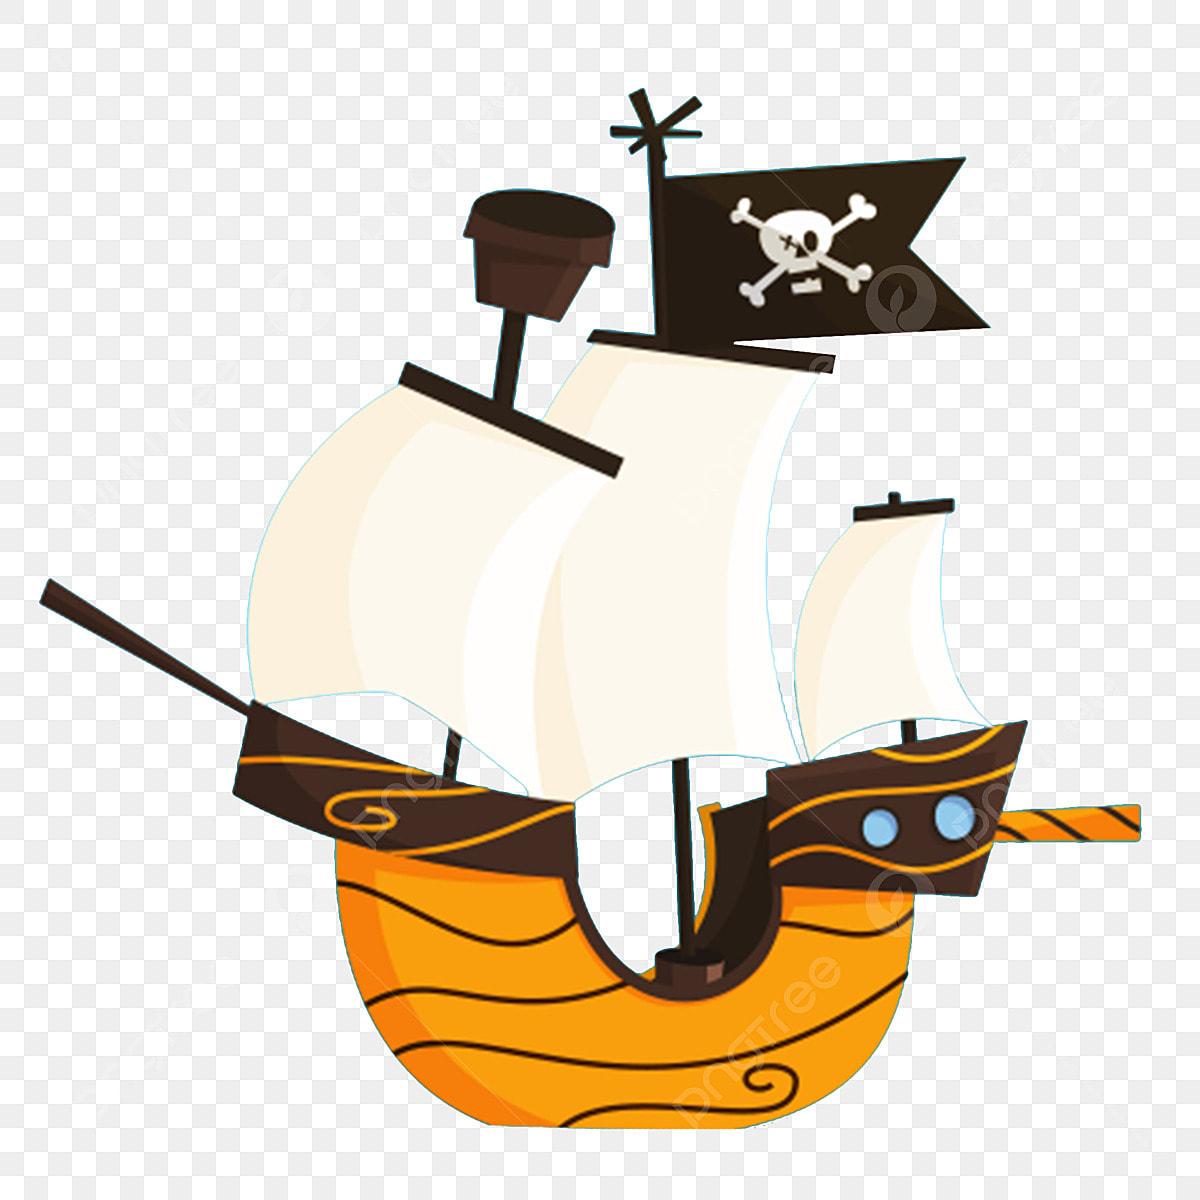 Bateau Pirate Peut Etre Utilise Pour Les Materiaux Commerciaux Bateau Pirate Drapeau Joyeux Shantou Image Png Pour Le Telechargement Libre